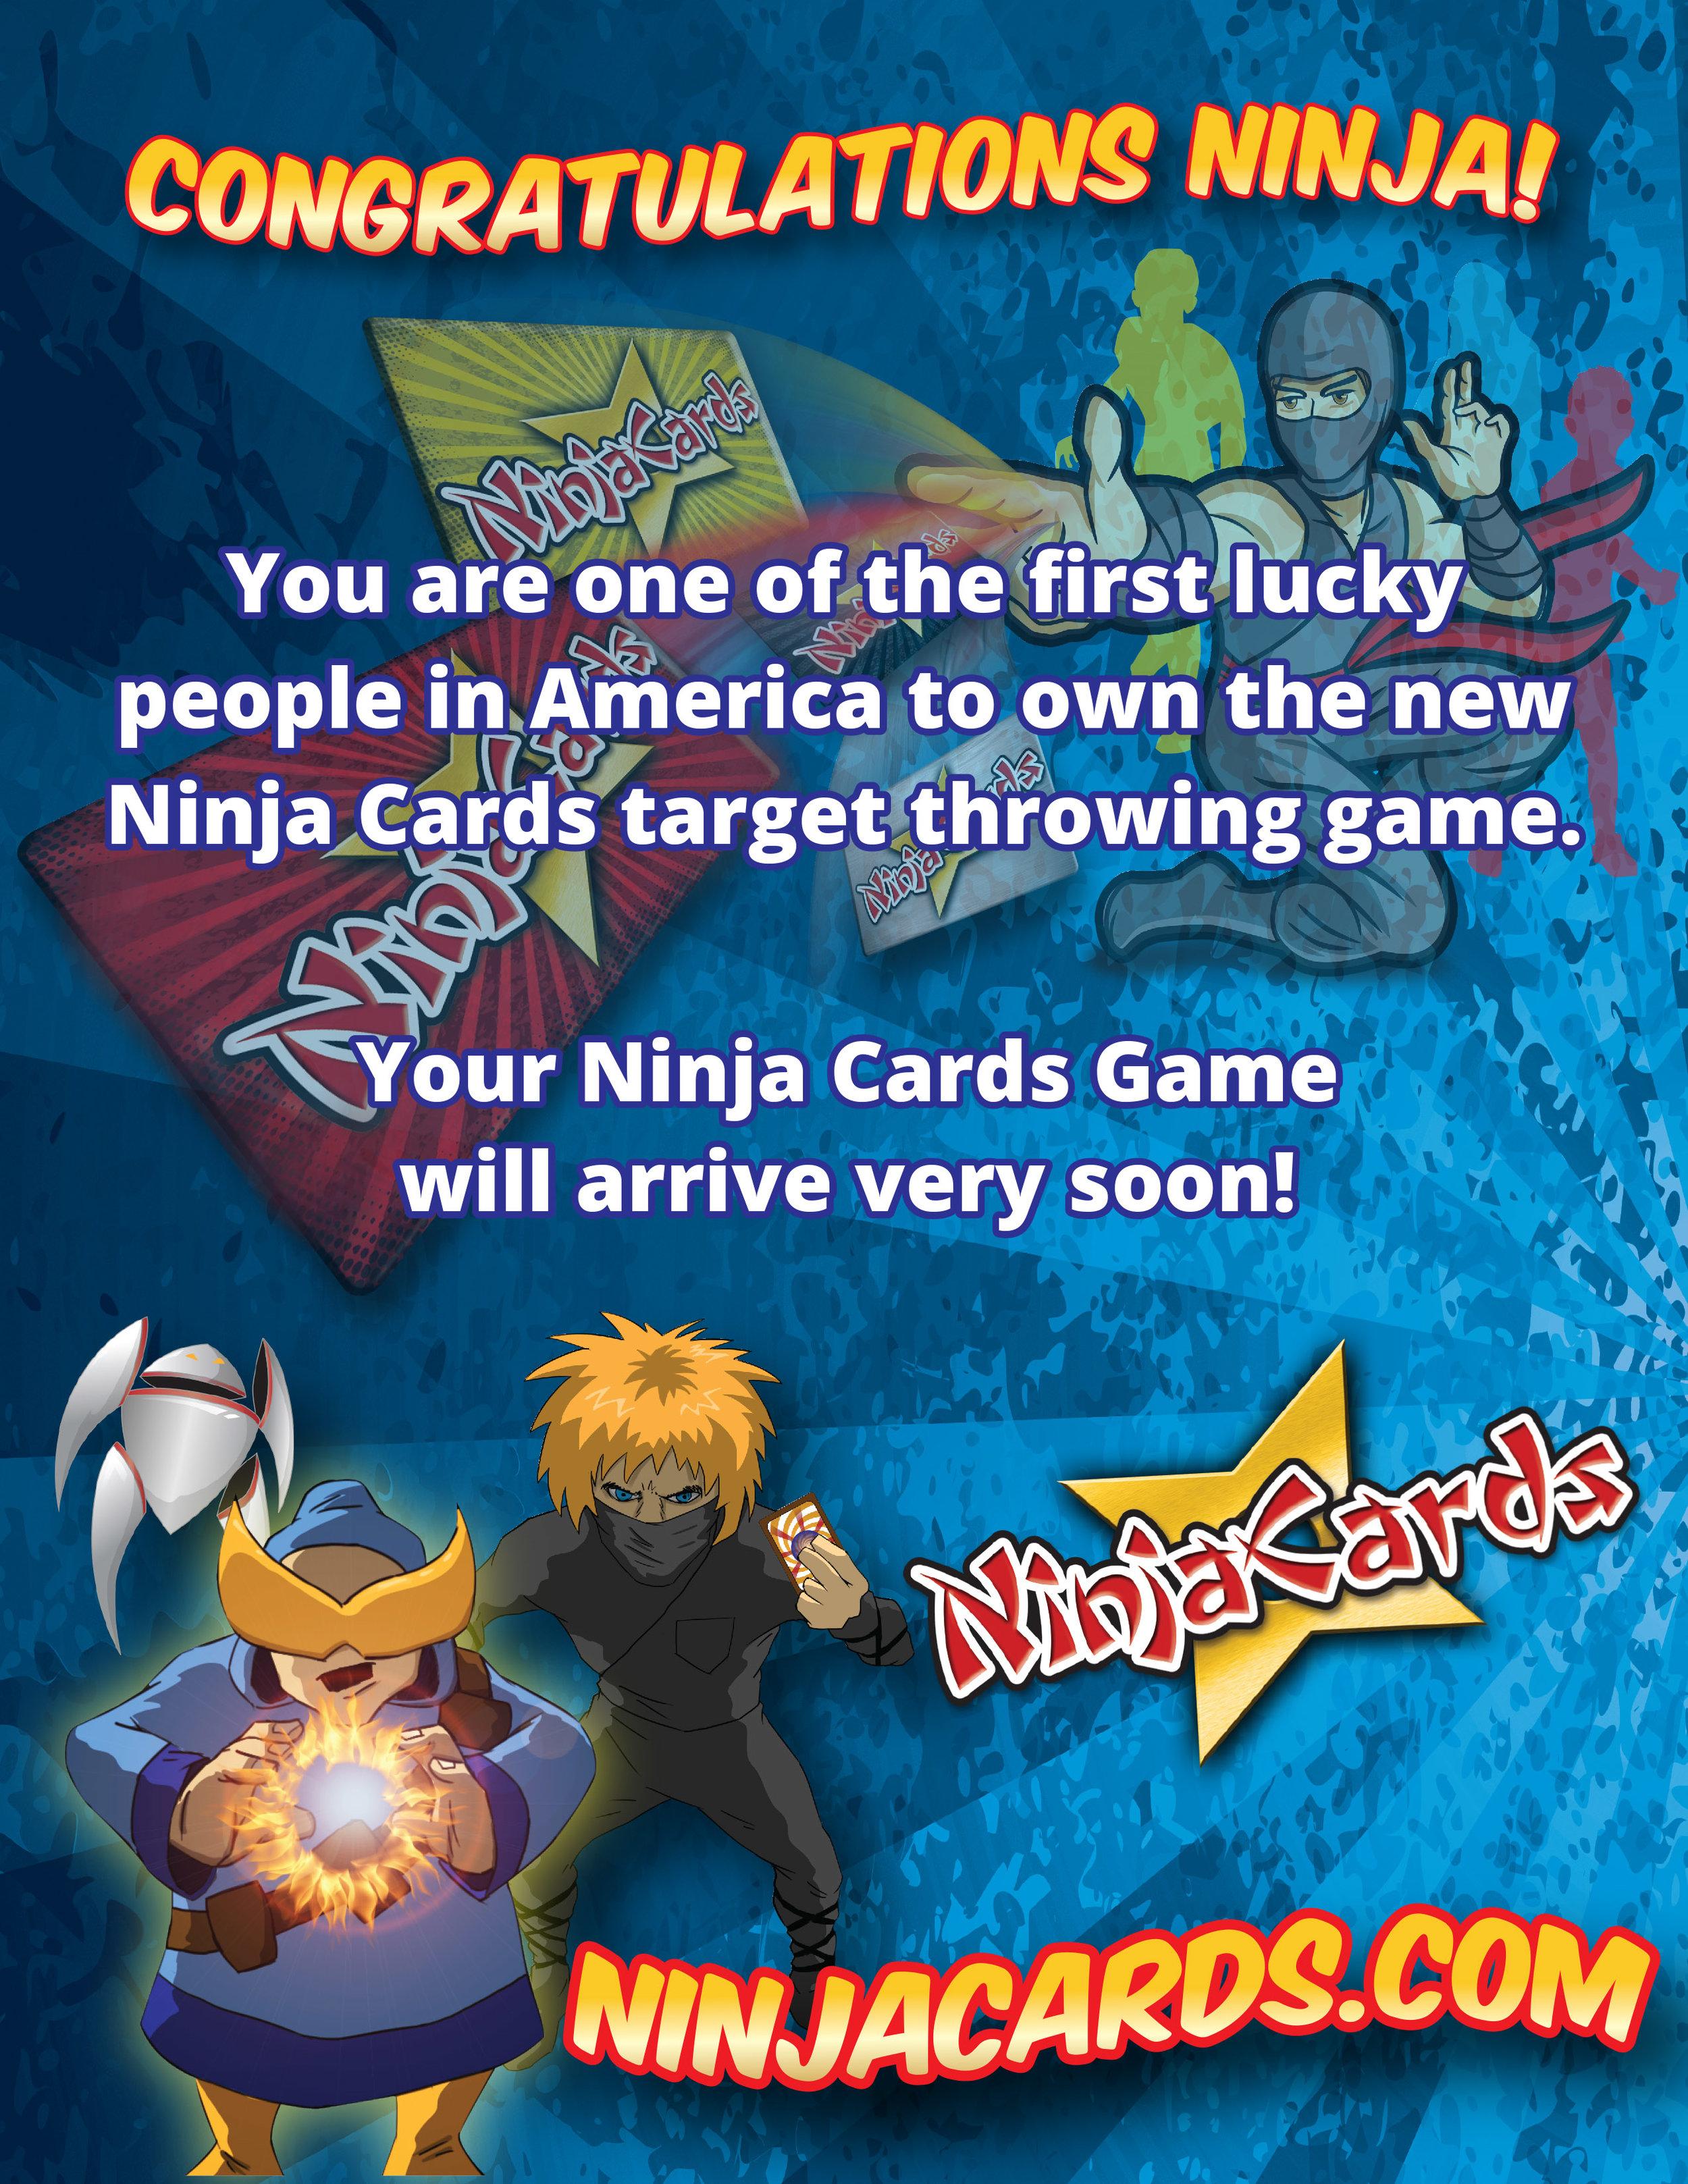 Ninja Cards Certificate Of Ownership 2.jpg